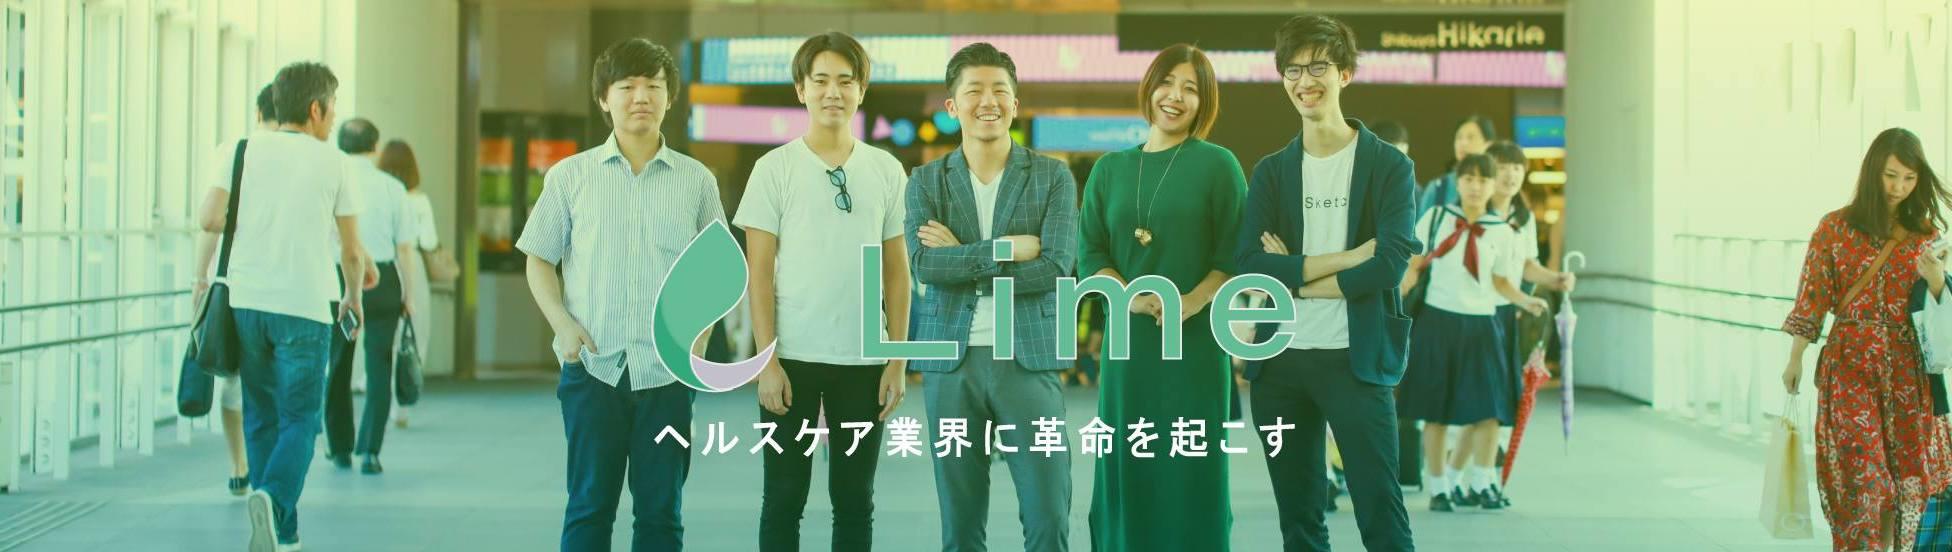 株式会社Lime